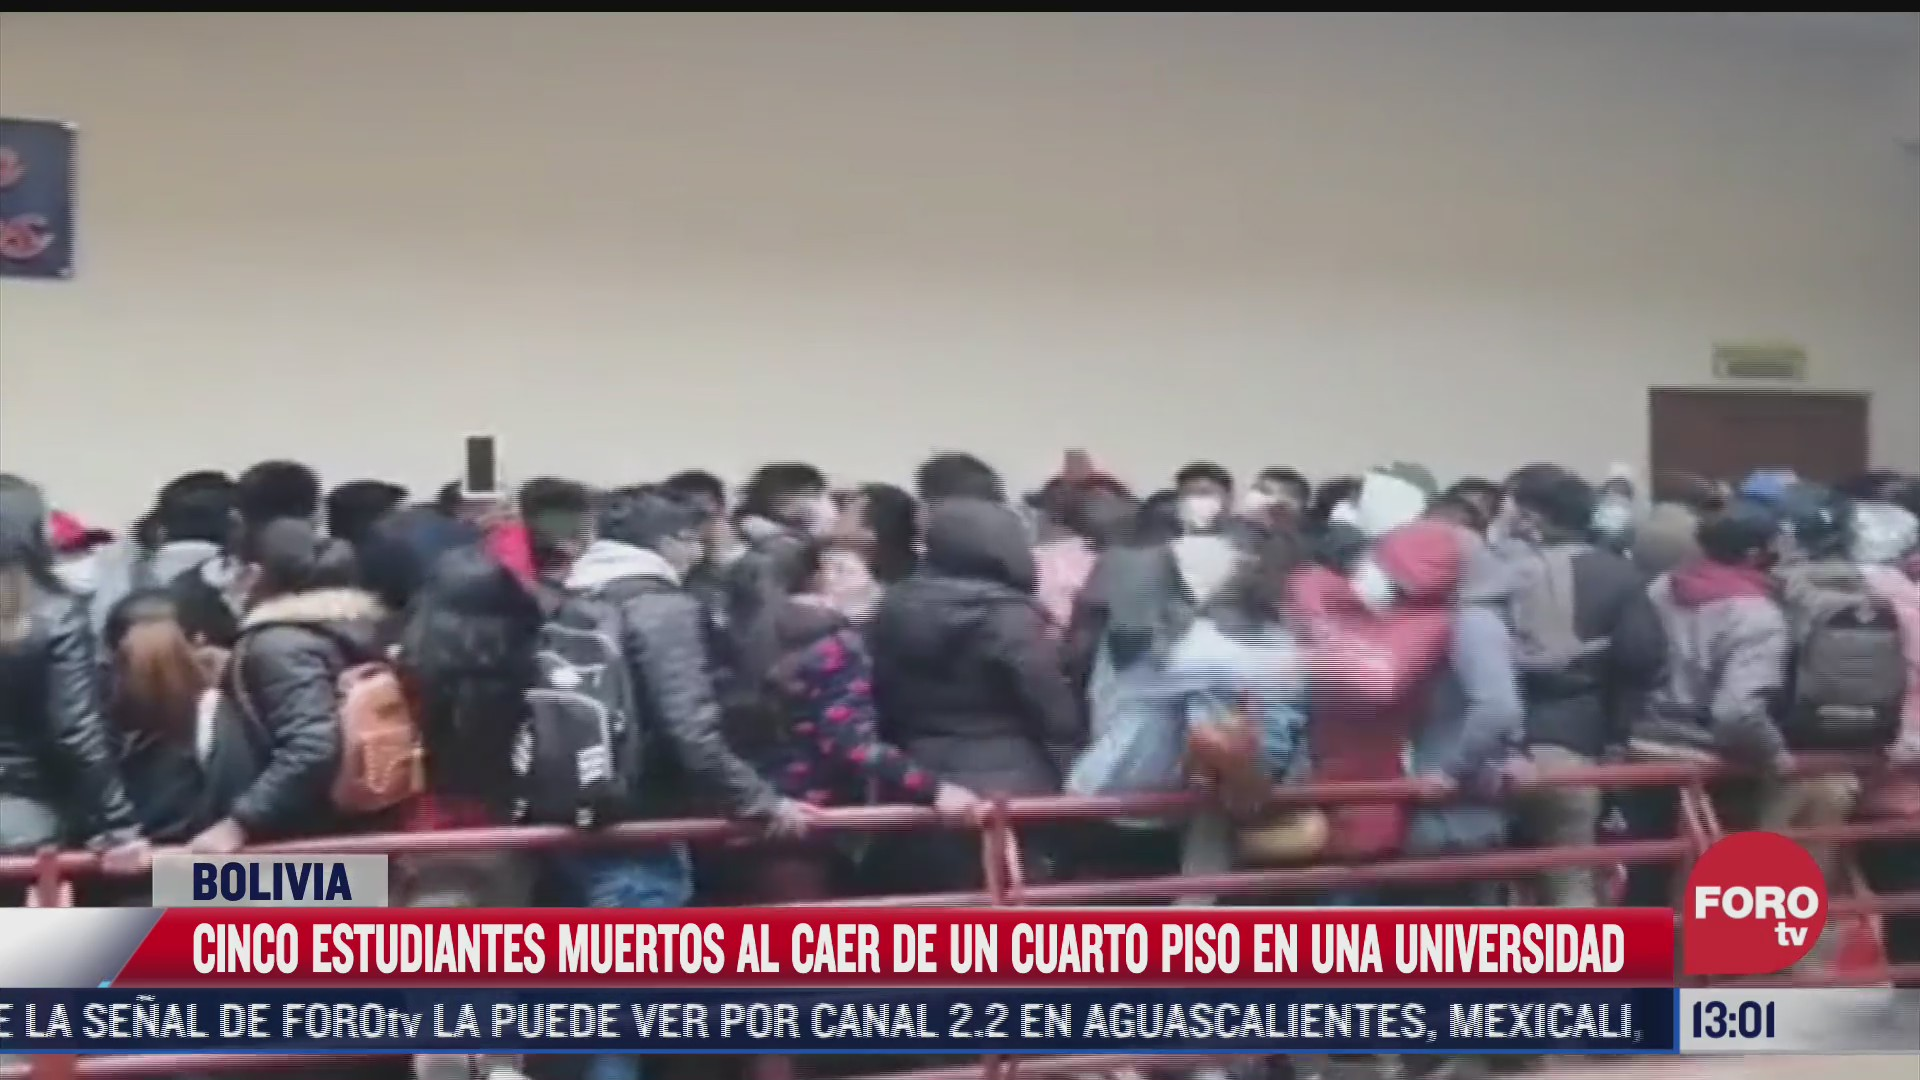 mueren cinco estudiantes al caer de un cuarto piso en una universidad